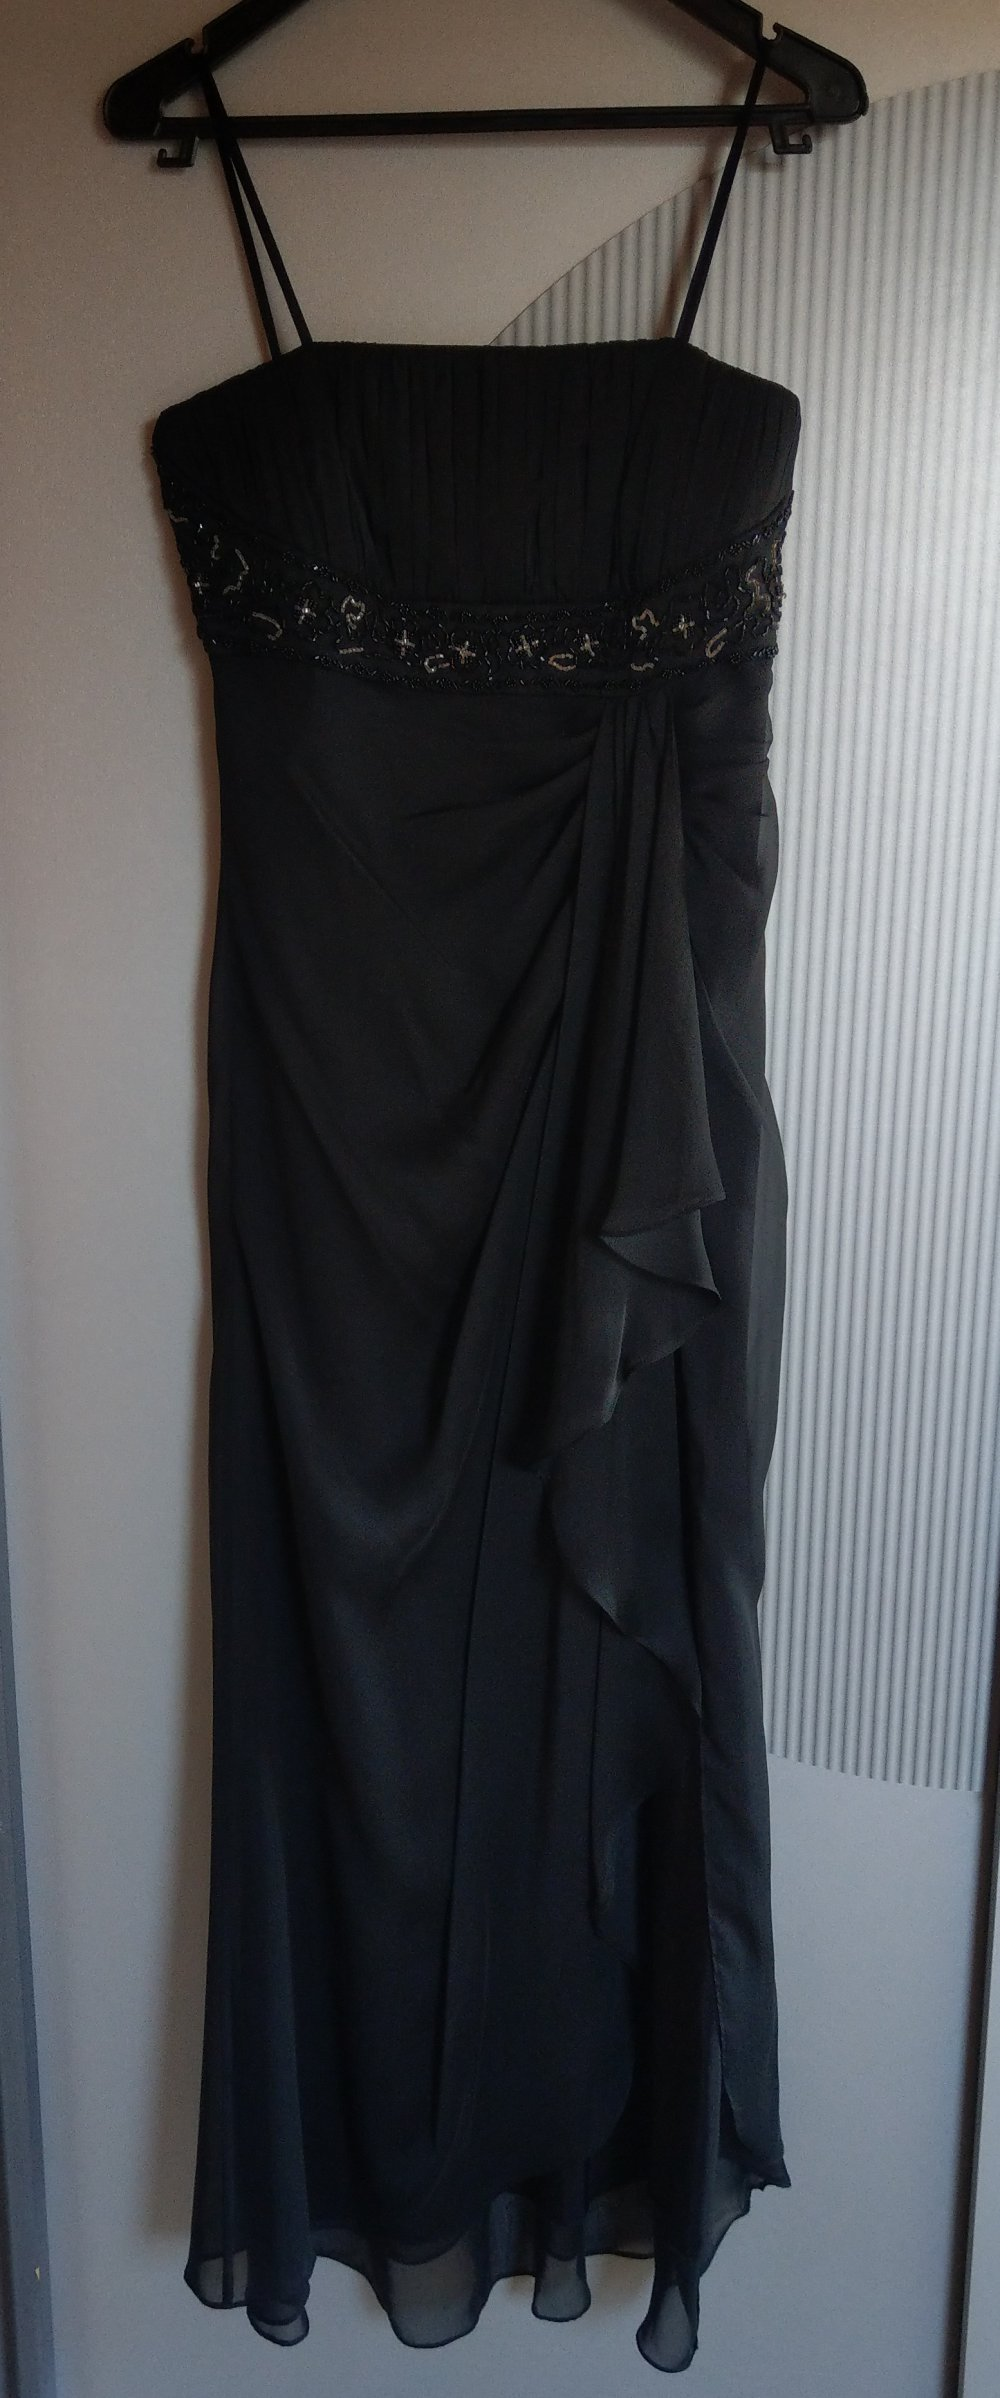 Abendkleid Kleid schwarz Pailletten Ambiance